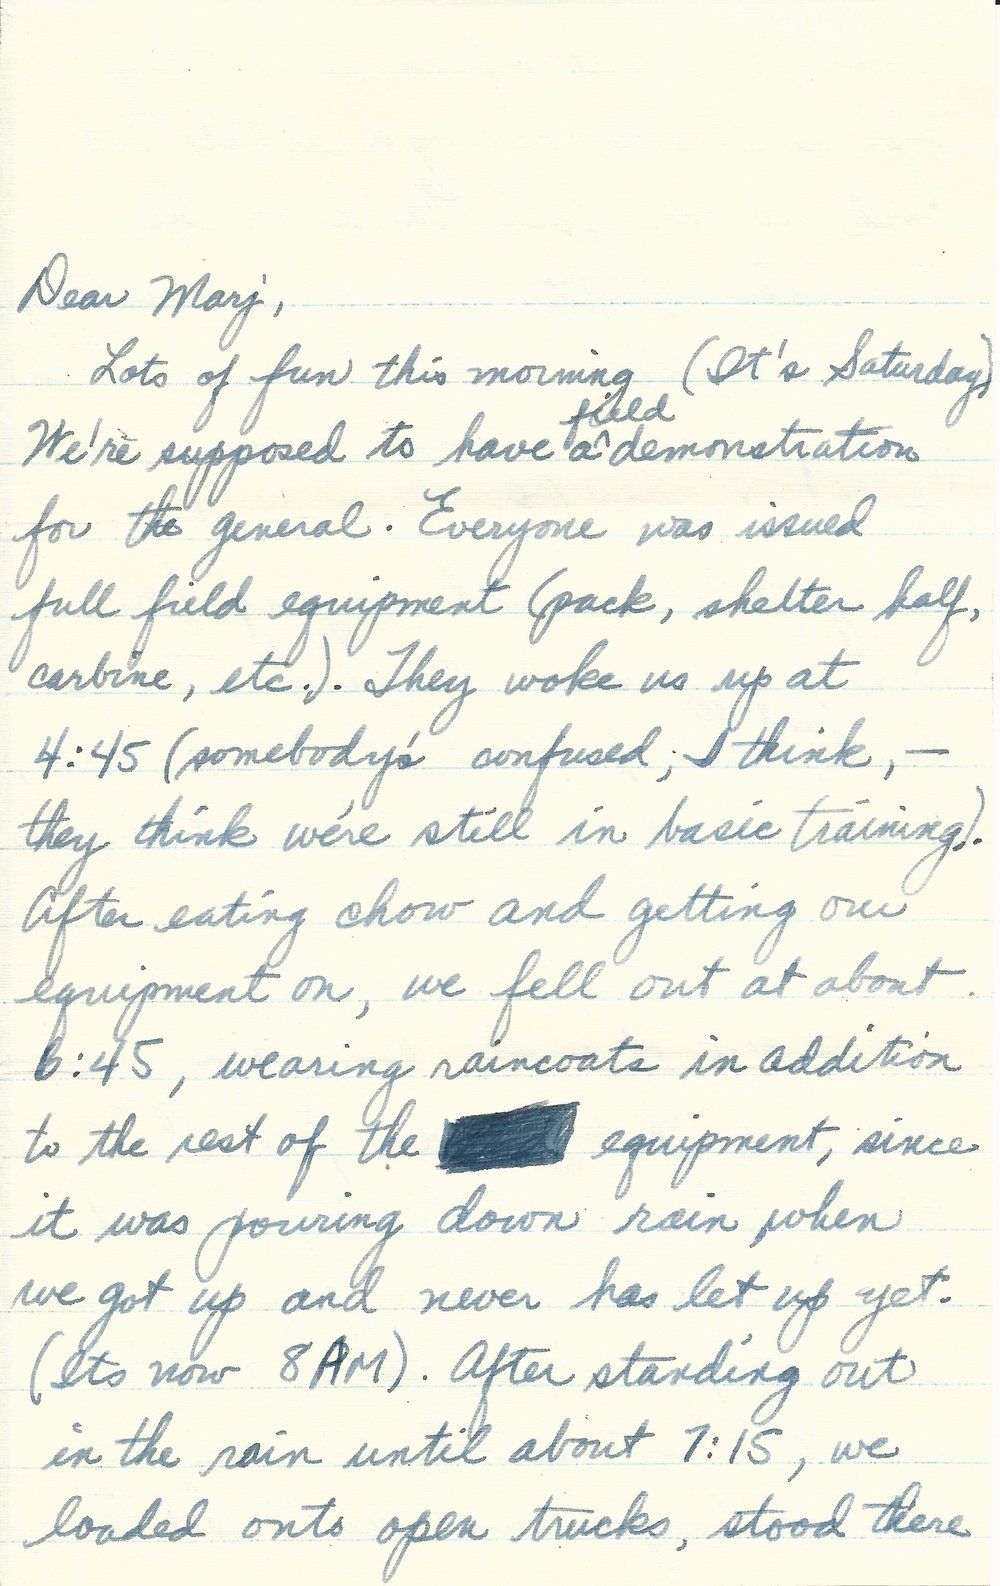 12. Jan. 24, 1953 (Opa)_Page_2.jpg